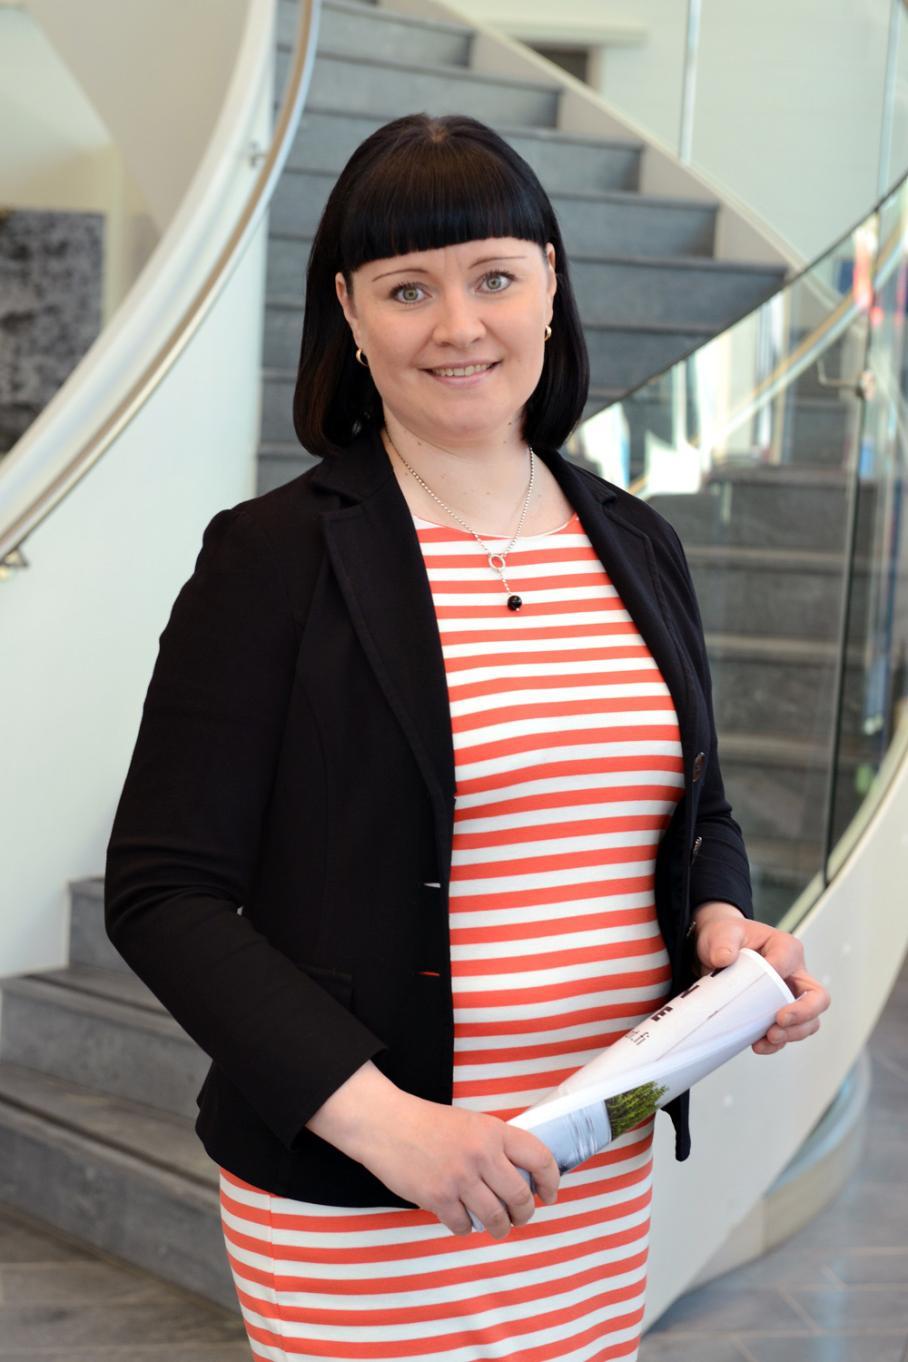 Sanna Peiponen